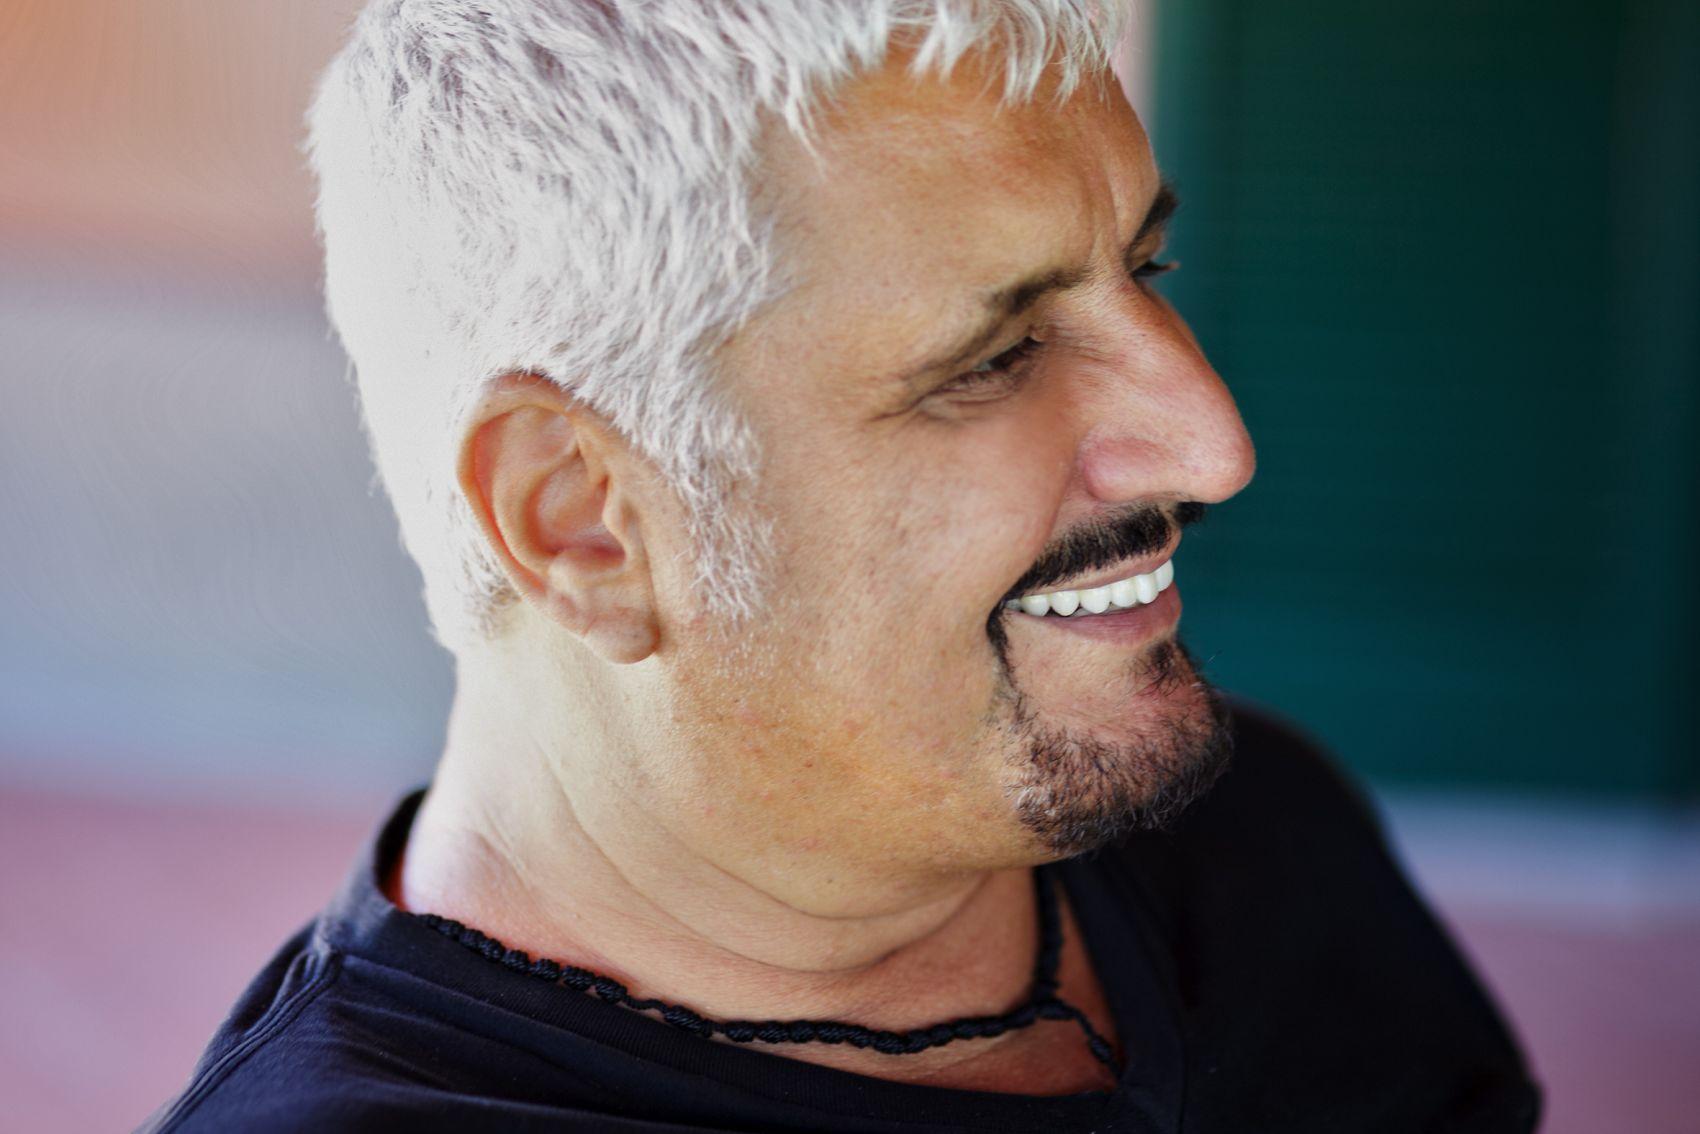 Pino Daniele: le più belle foto e parole per ricordare un grande artista e uomo